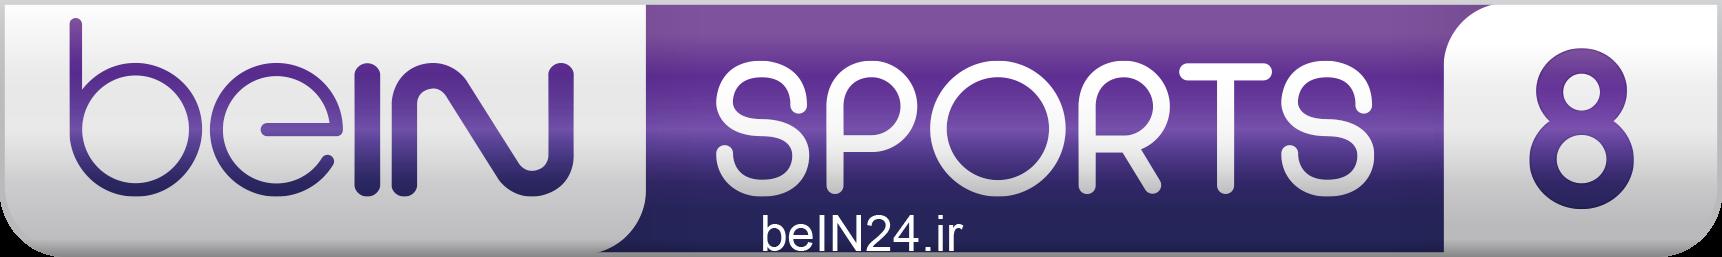 شبکه بین اسپرت ۸